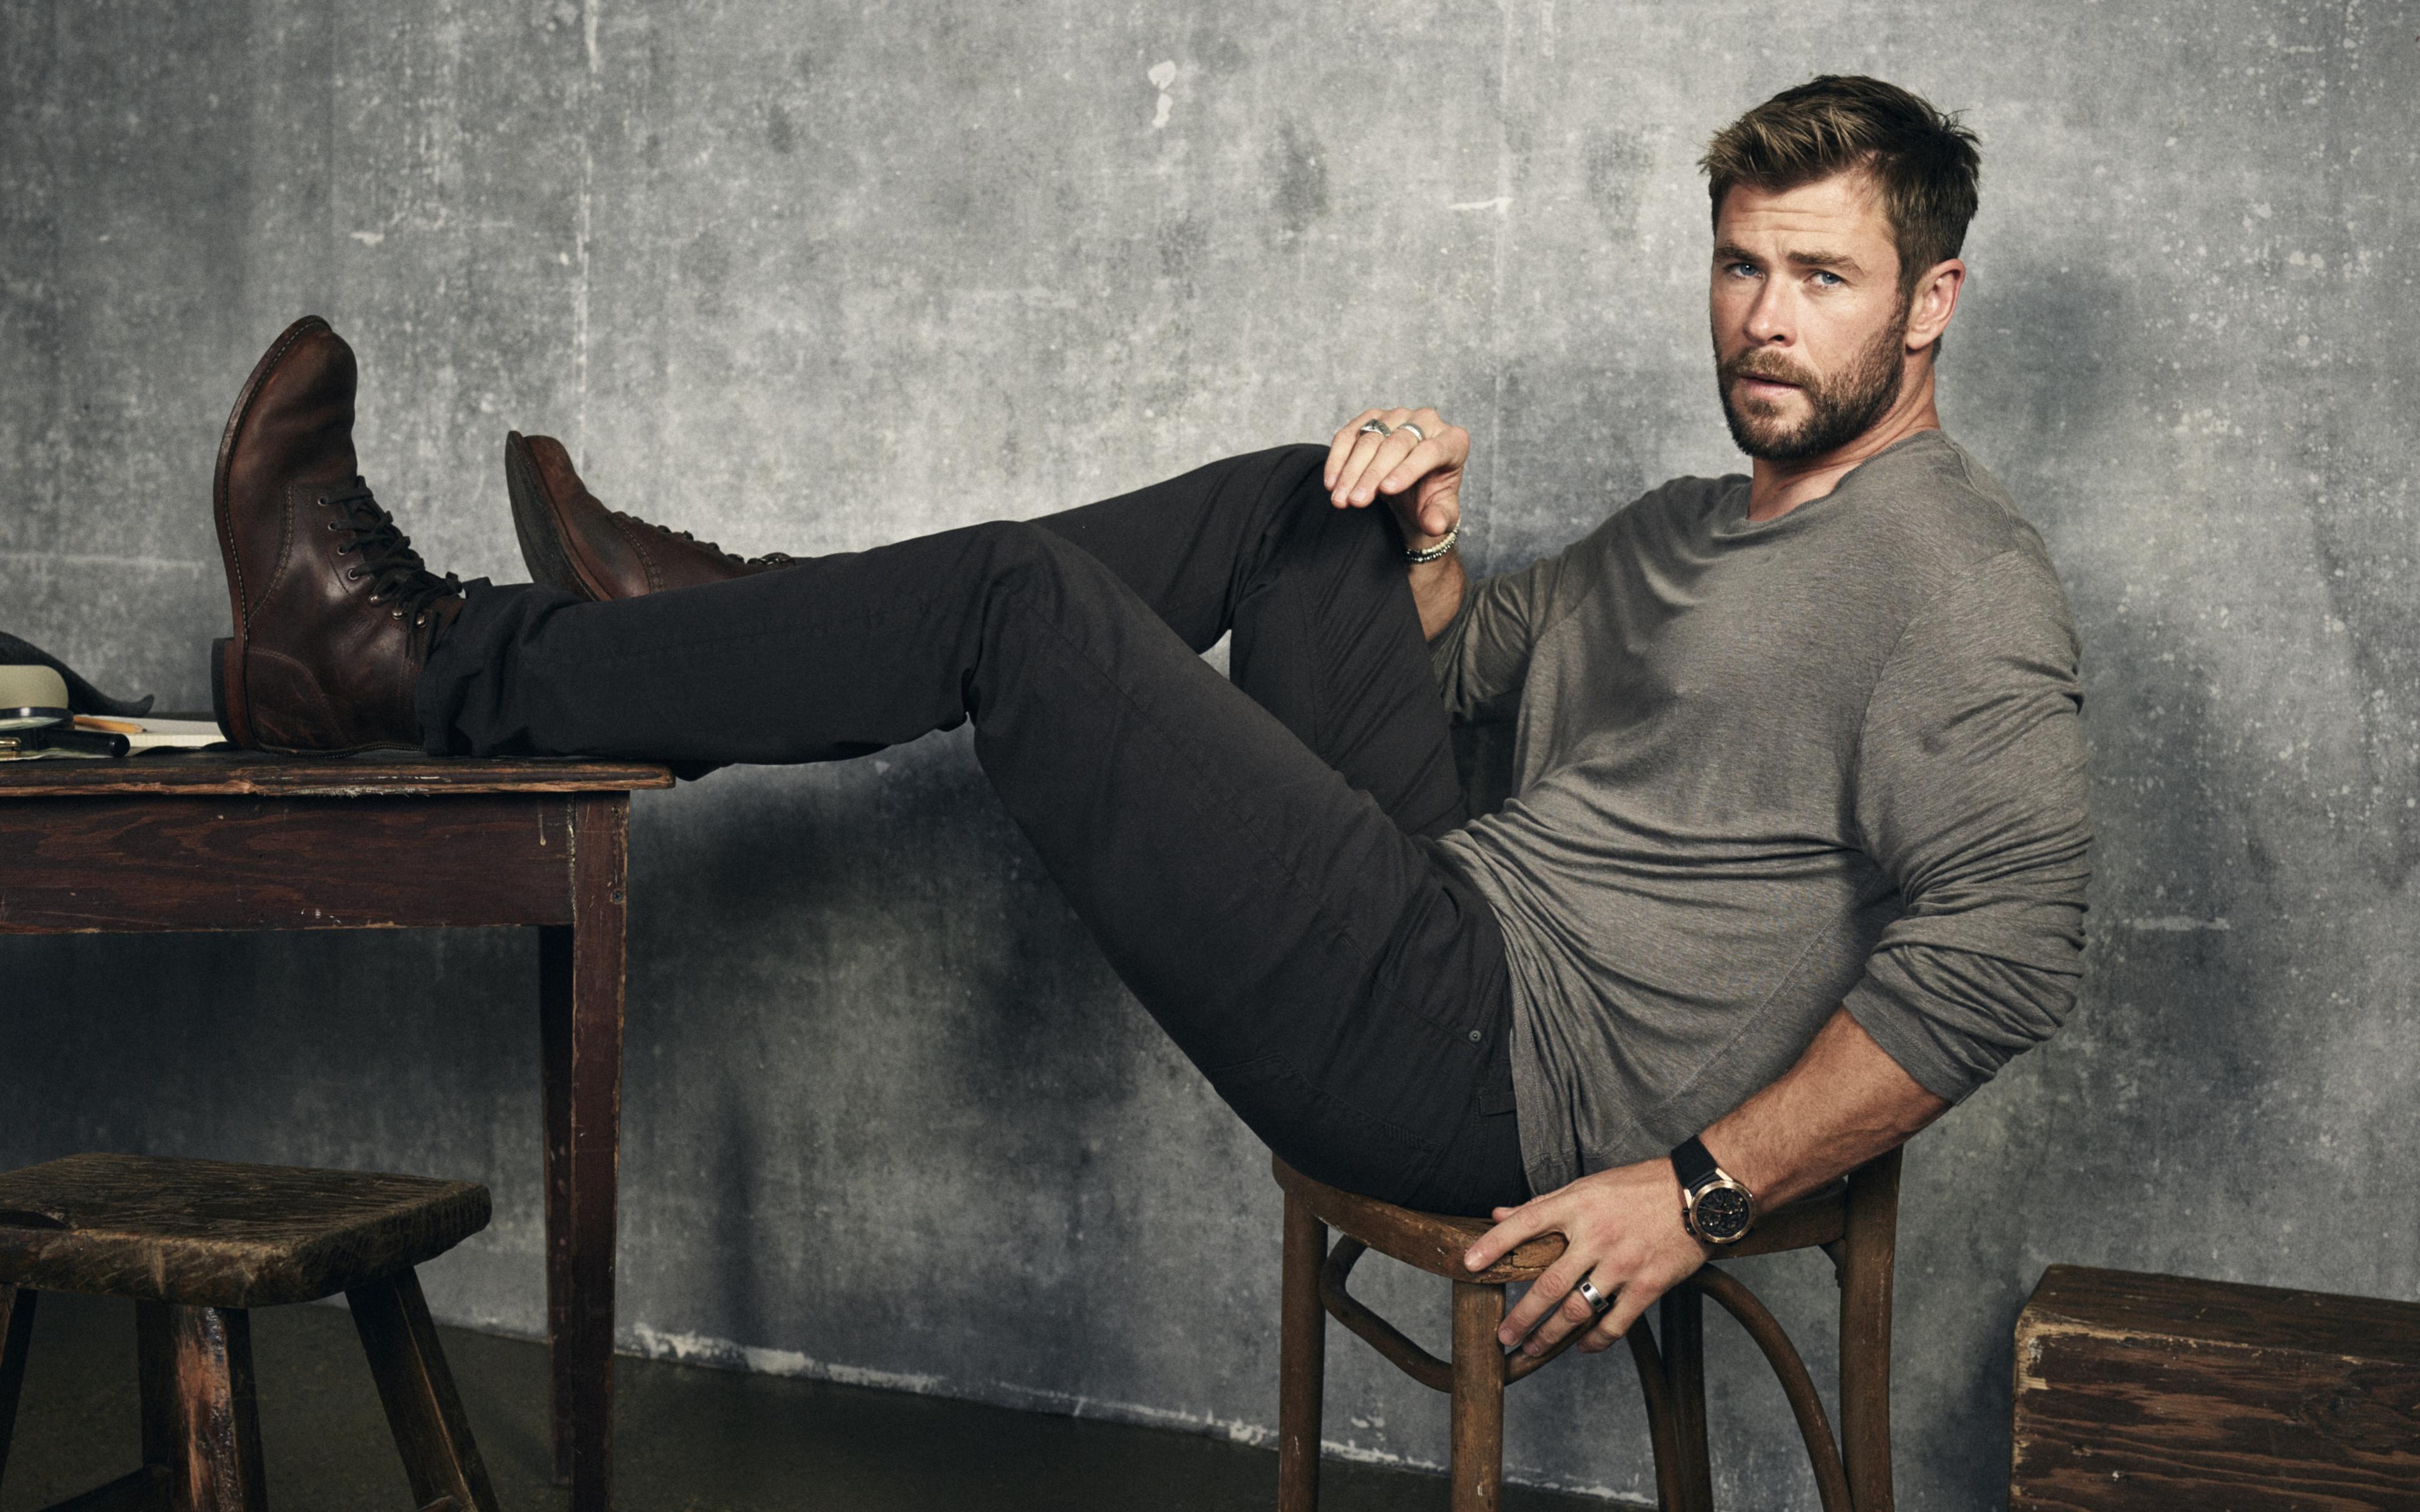 Chris Hemsworth Wallpapers   Top Chris Hemsworth Backgrounds 3840x2400